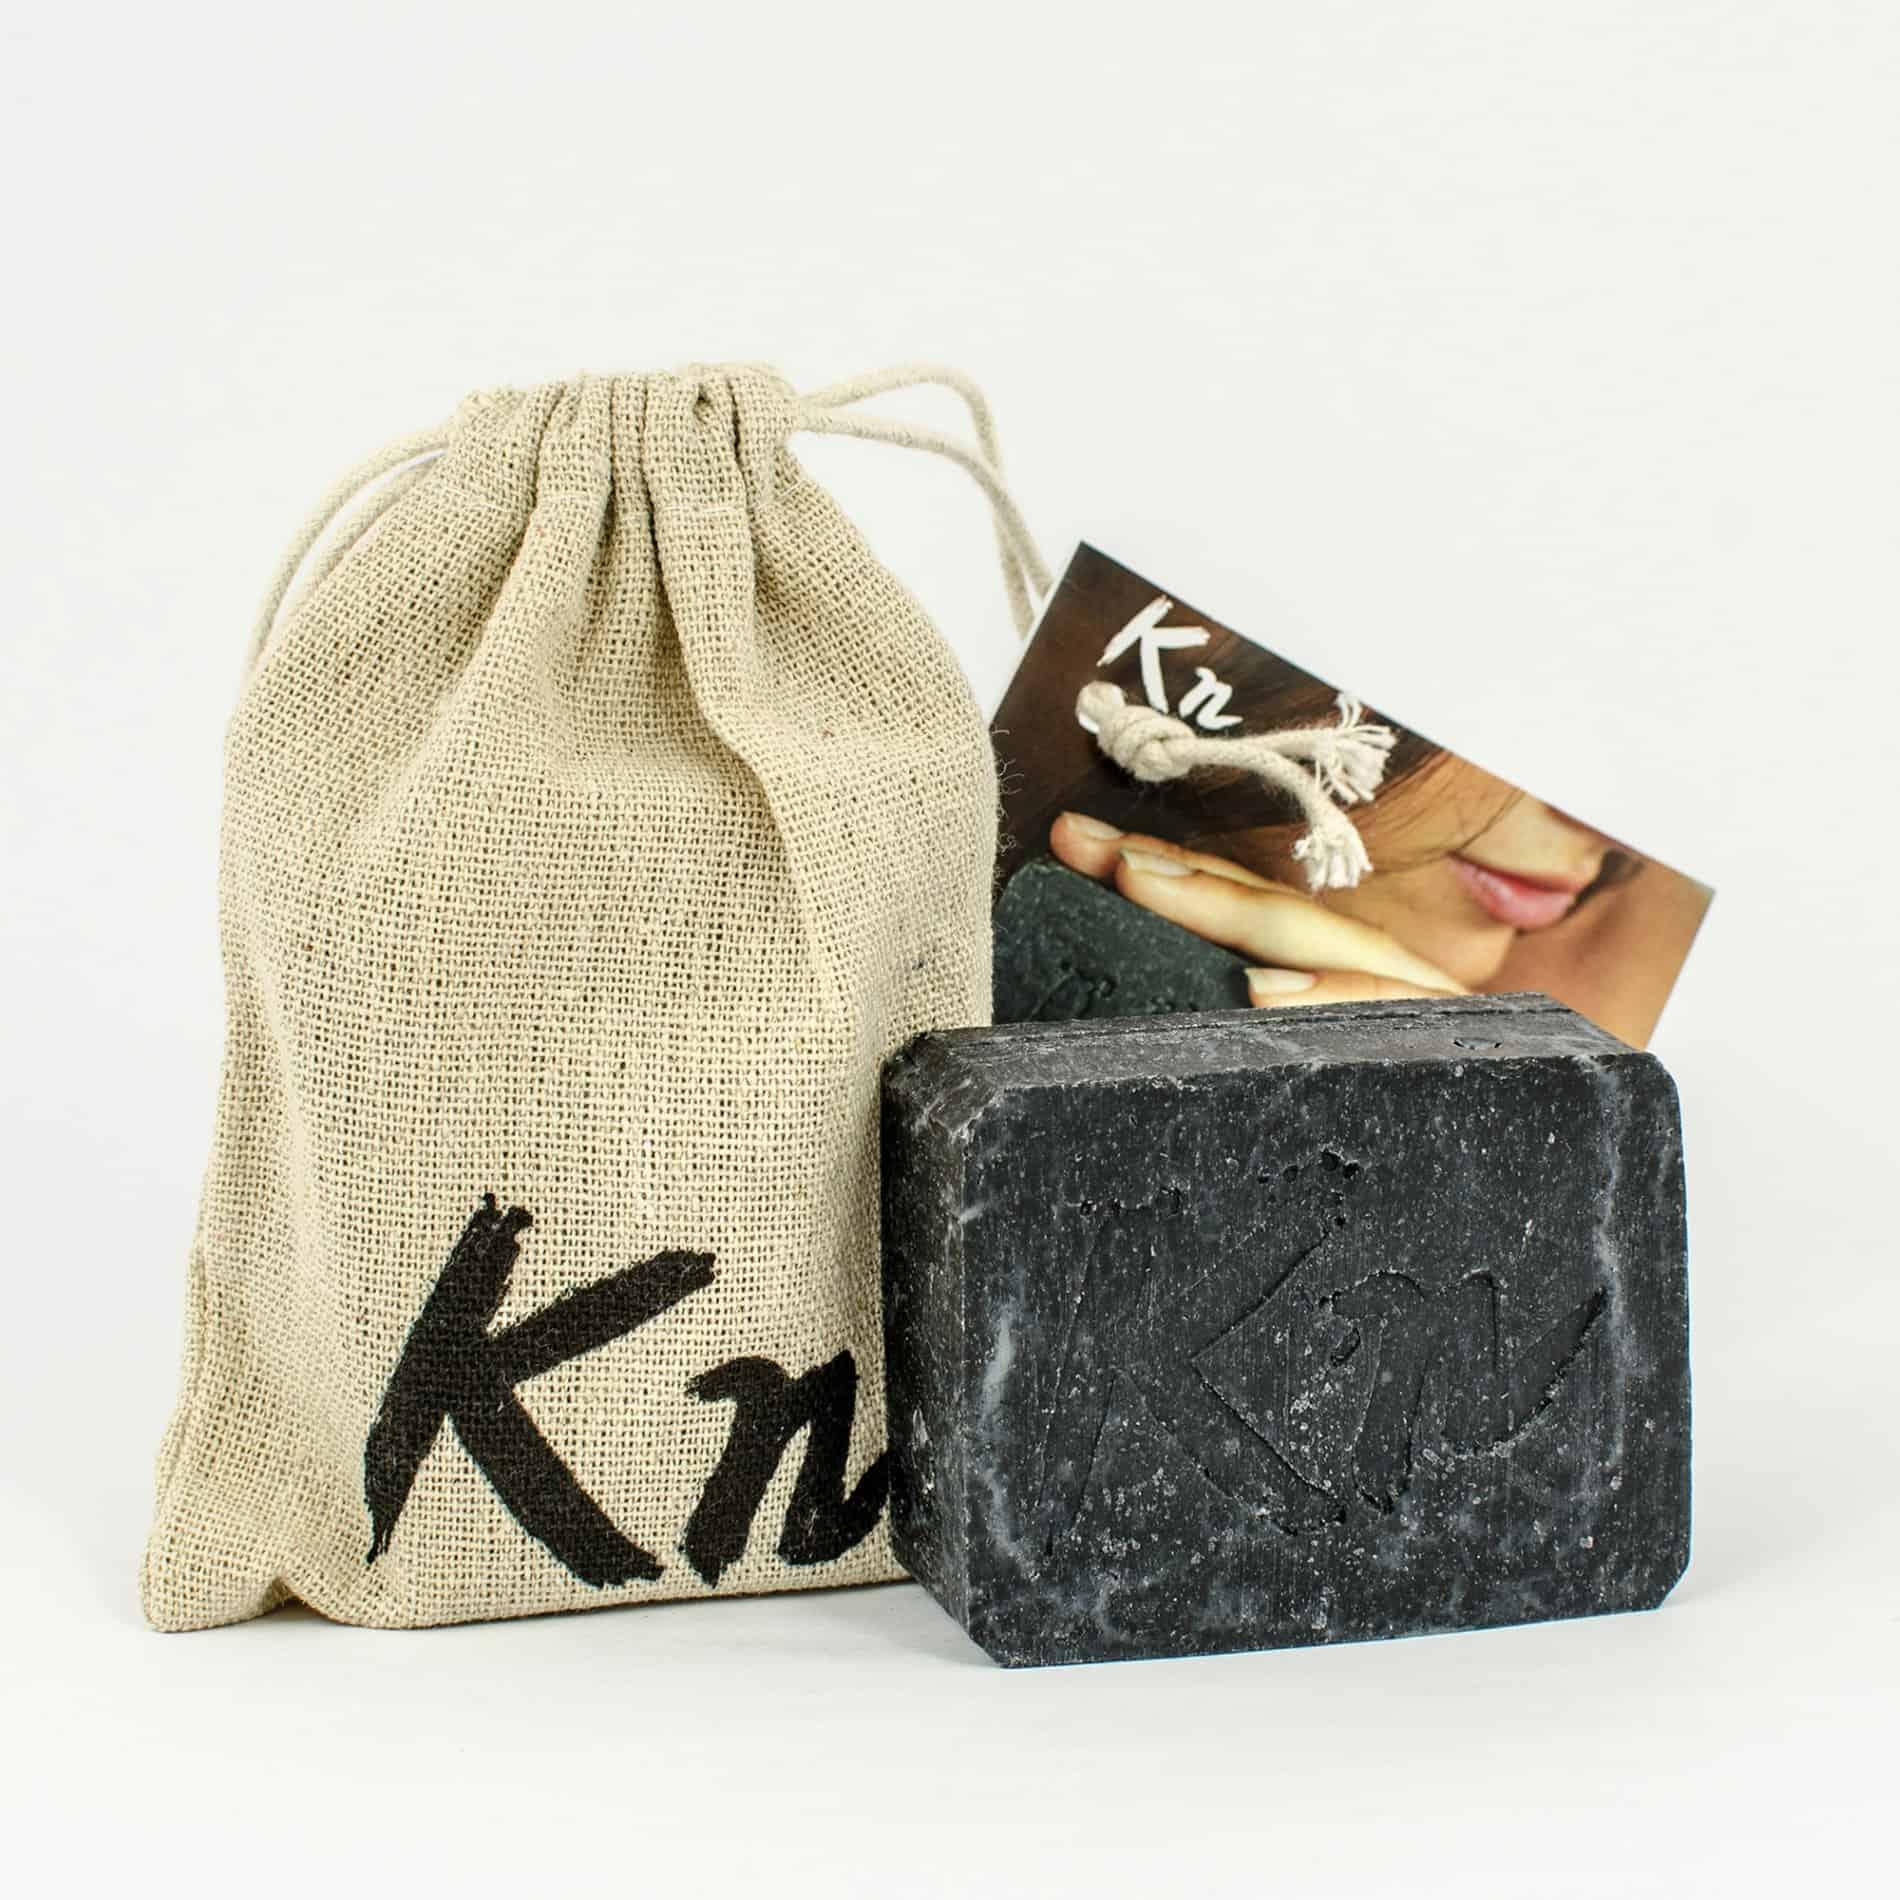 schwarze Kn Seife mit Aktivkohle für tägliche Hautpflege